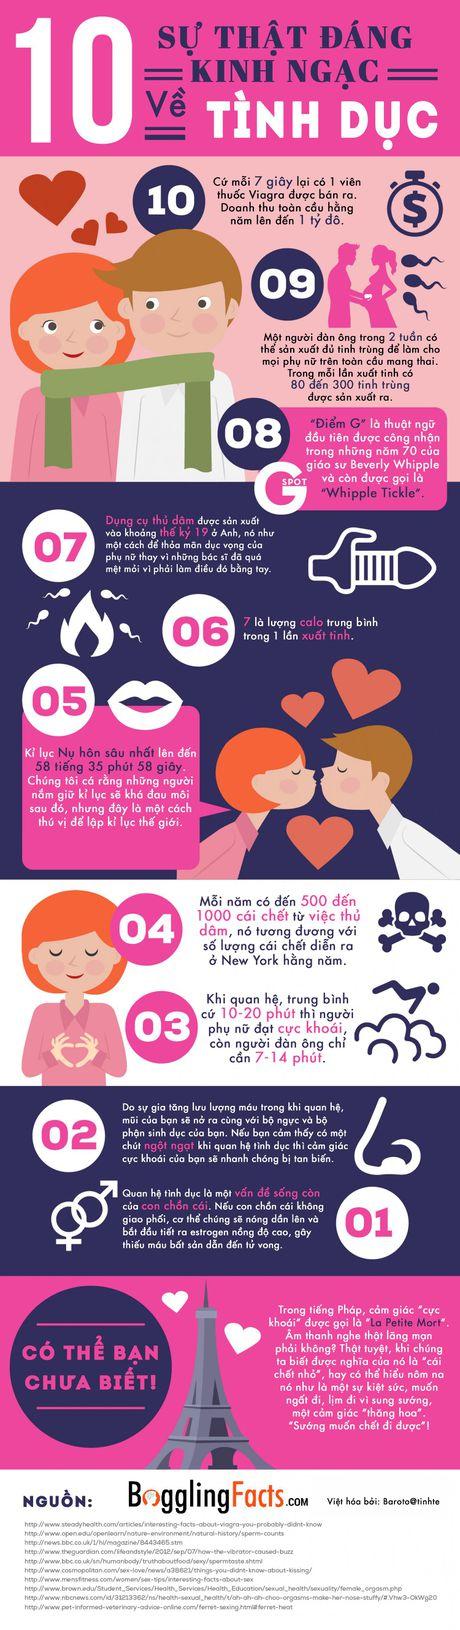 [Infographic] 10 su that dang kinh ngac ve tinh duc - Anh 1